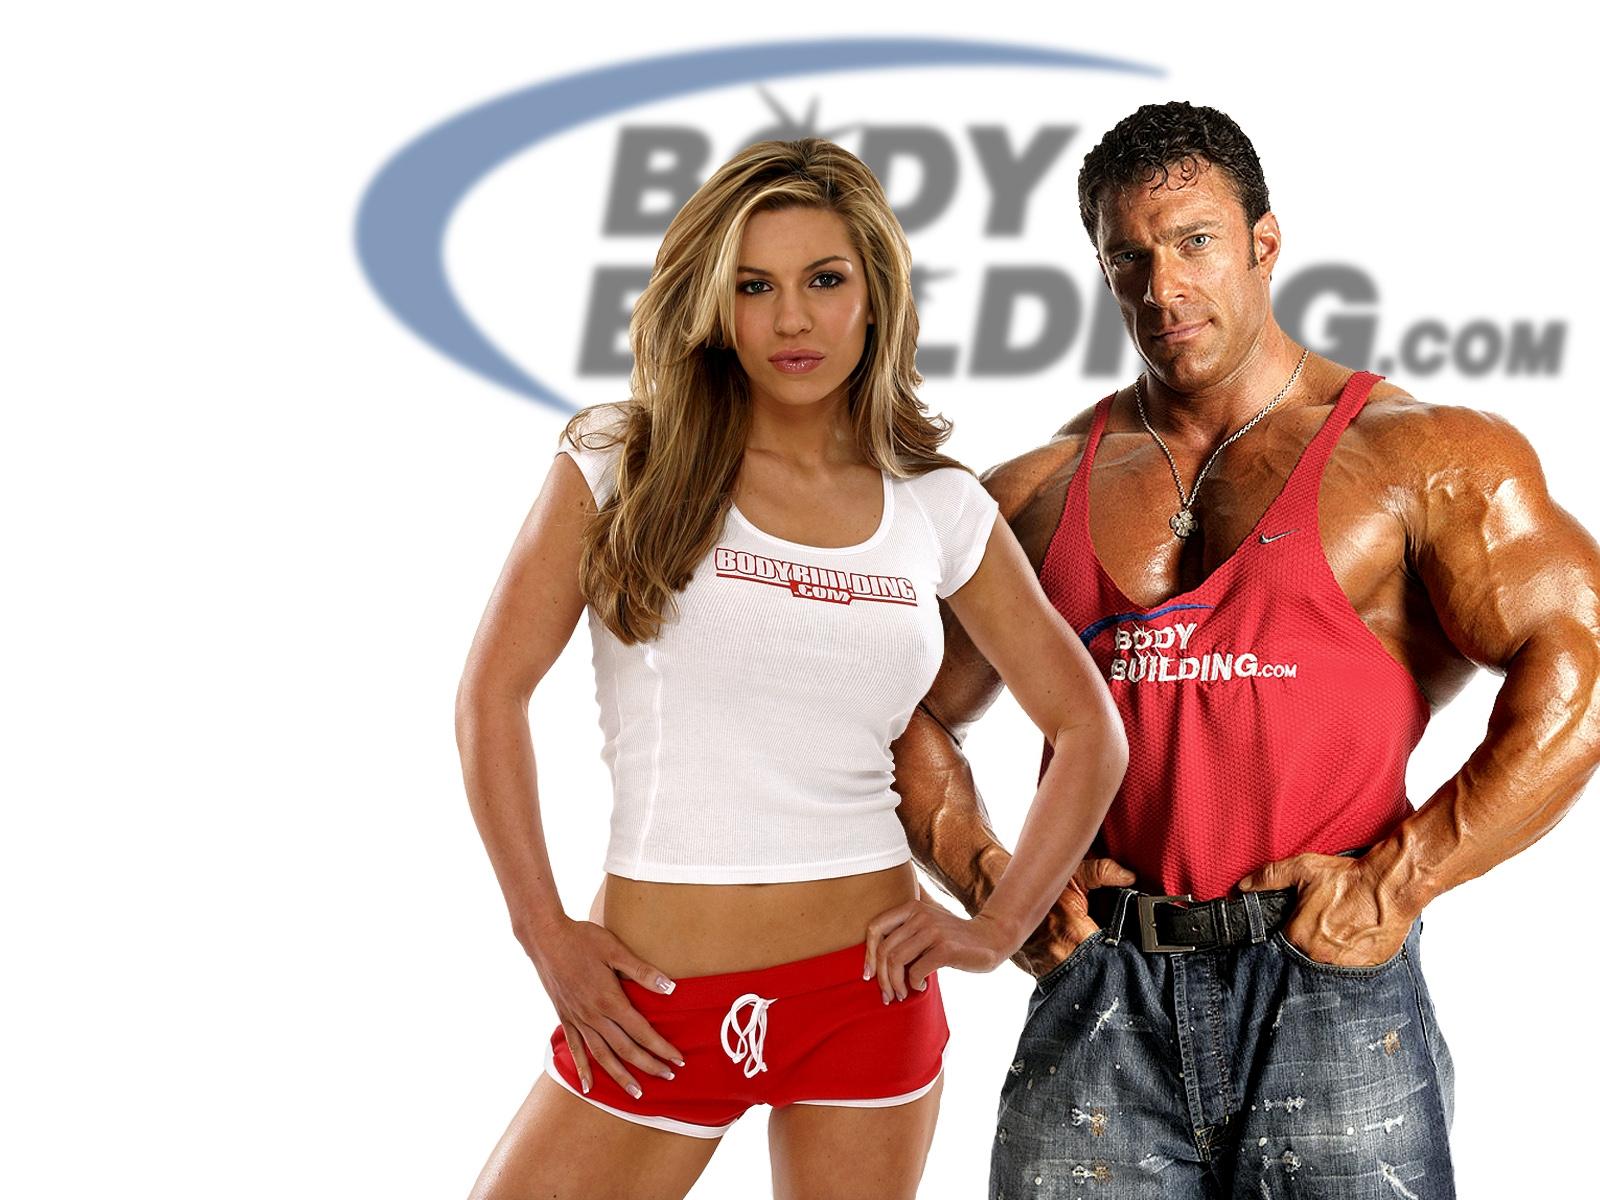 Категории на соревнованиях фитнес-бикини. что нужно знать.   блог bodylab о спорте и правильном питании